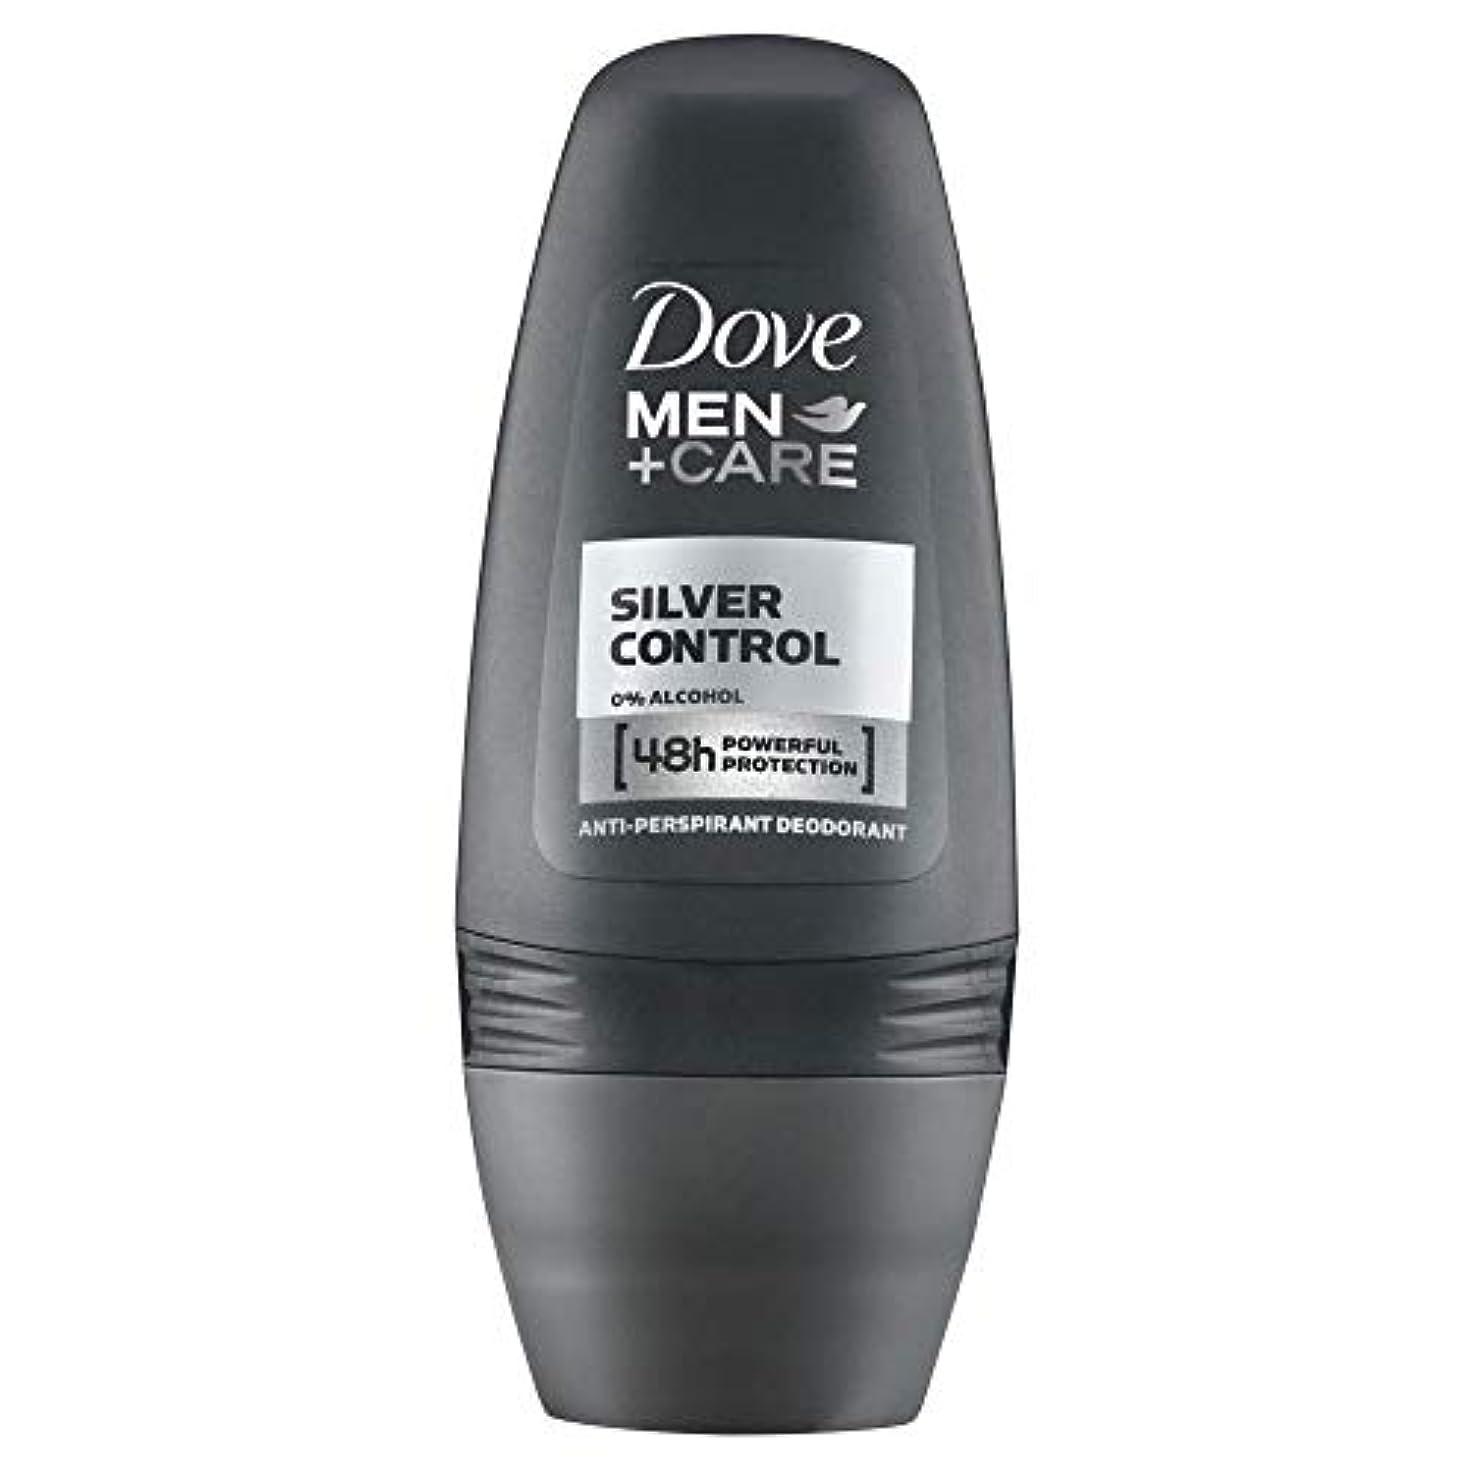 盆地窒息させる抜粋[Dove ] 消臭にロール銀制御抗制汗ケア+鳩の男性(50ミリリットル) - Dove Men + Care Silver Control Anti Perspirant Roll-on Deodorant (50ml...